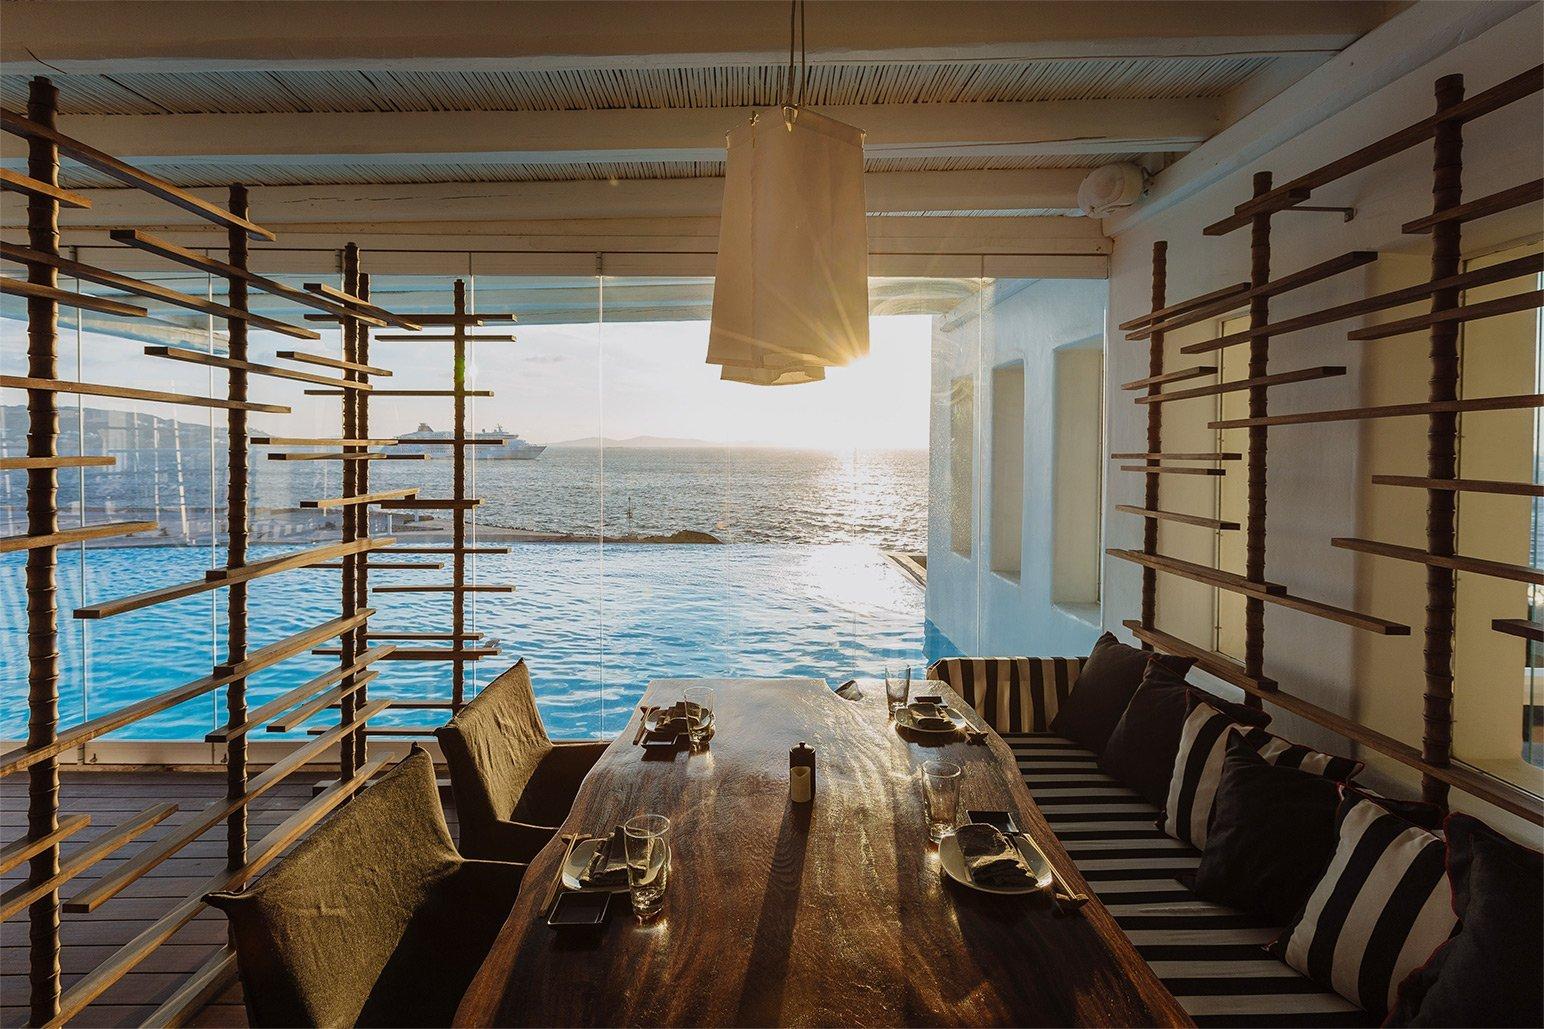 Cavo Tagoo Hotel Villas In Mykonos Greece